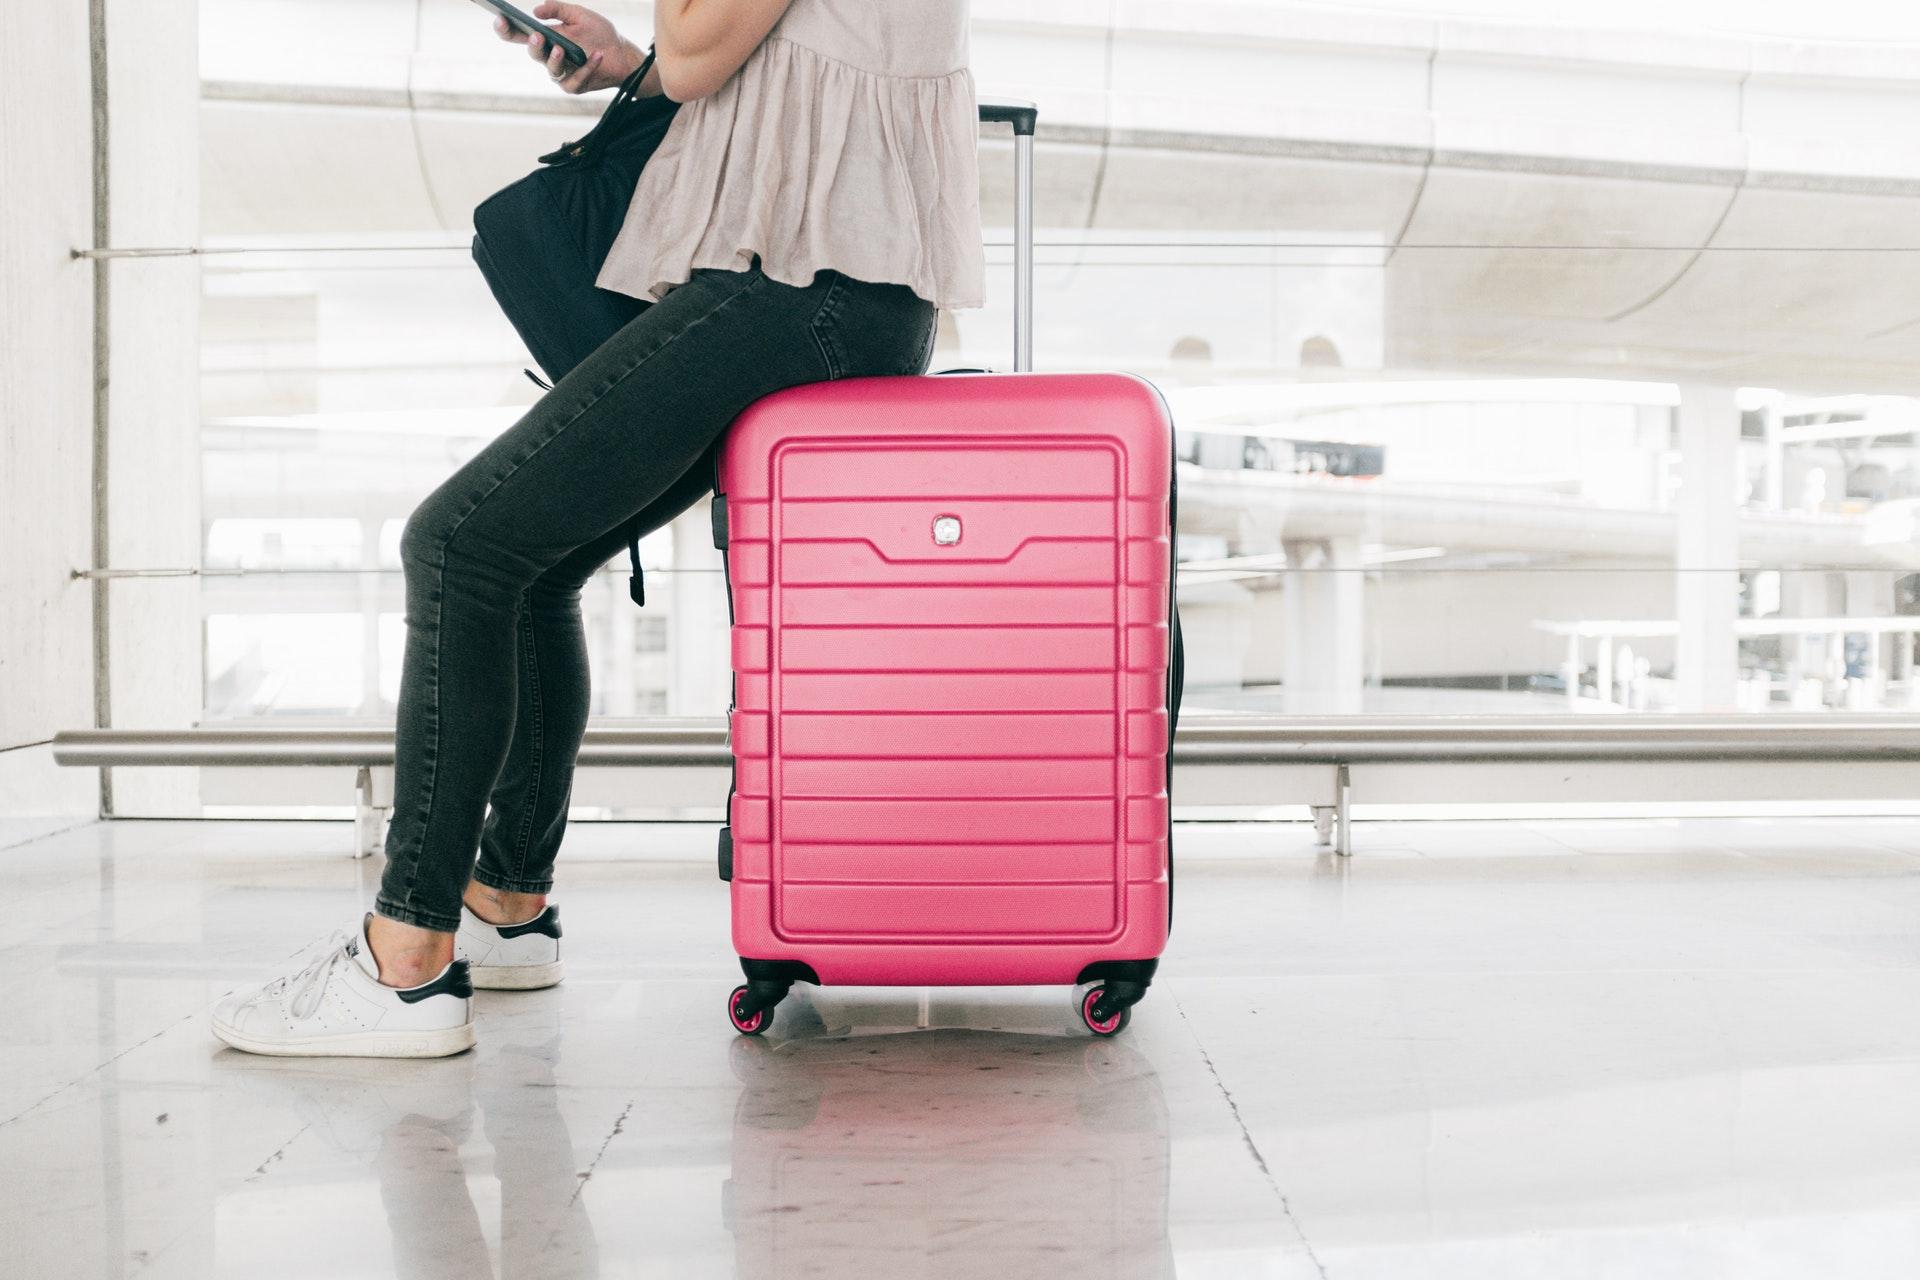 3 nejchaotičtější letiště světa – tady kufry ztratit nechcete